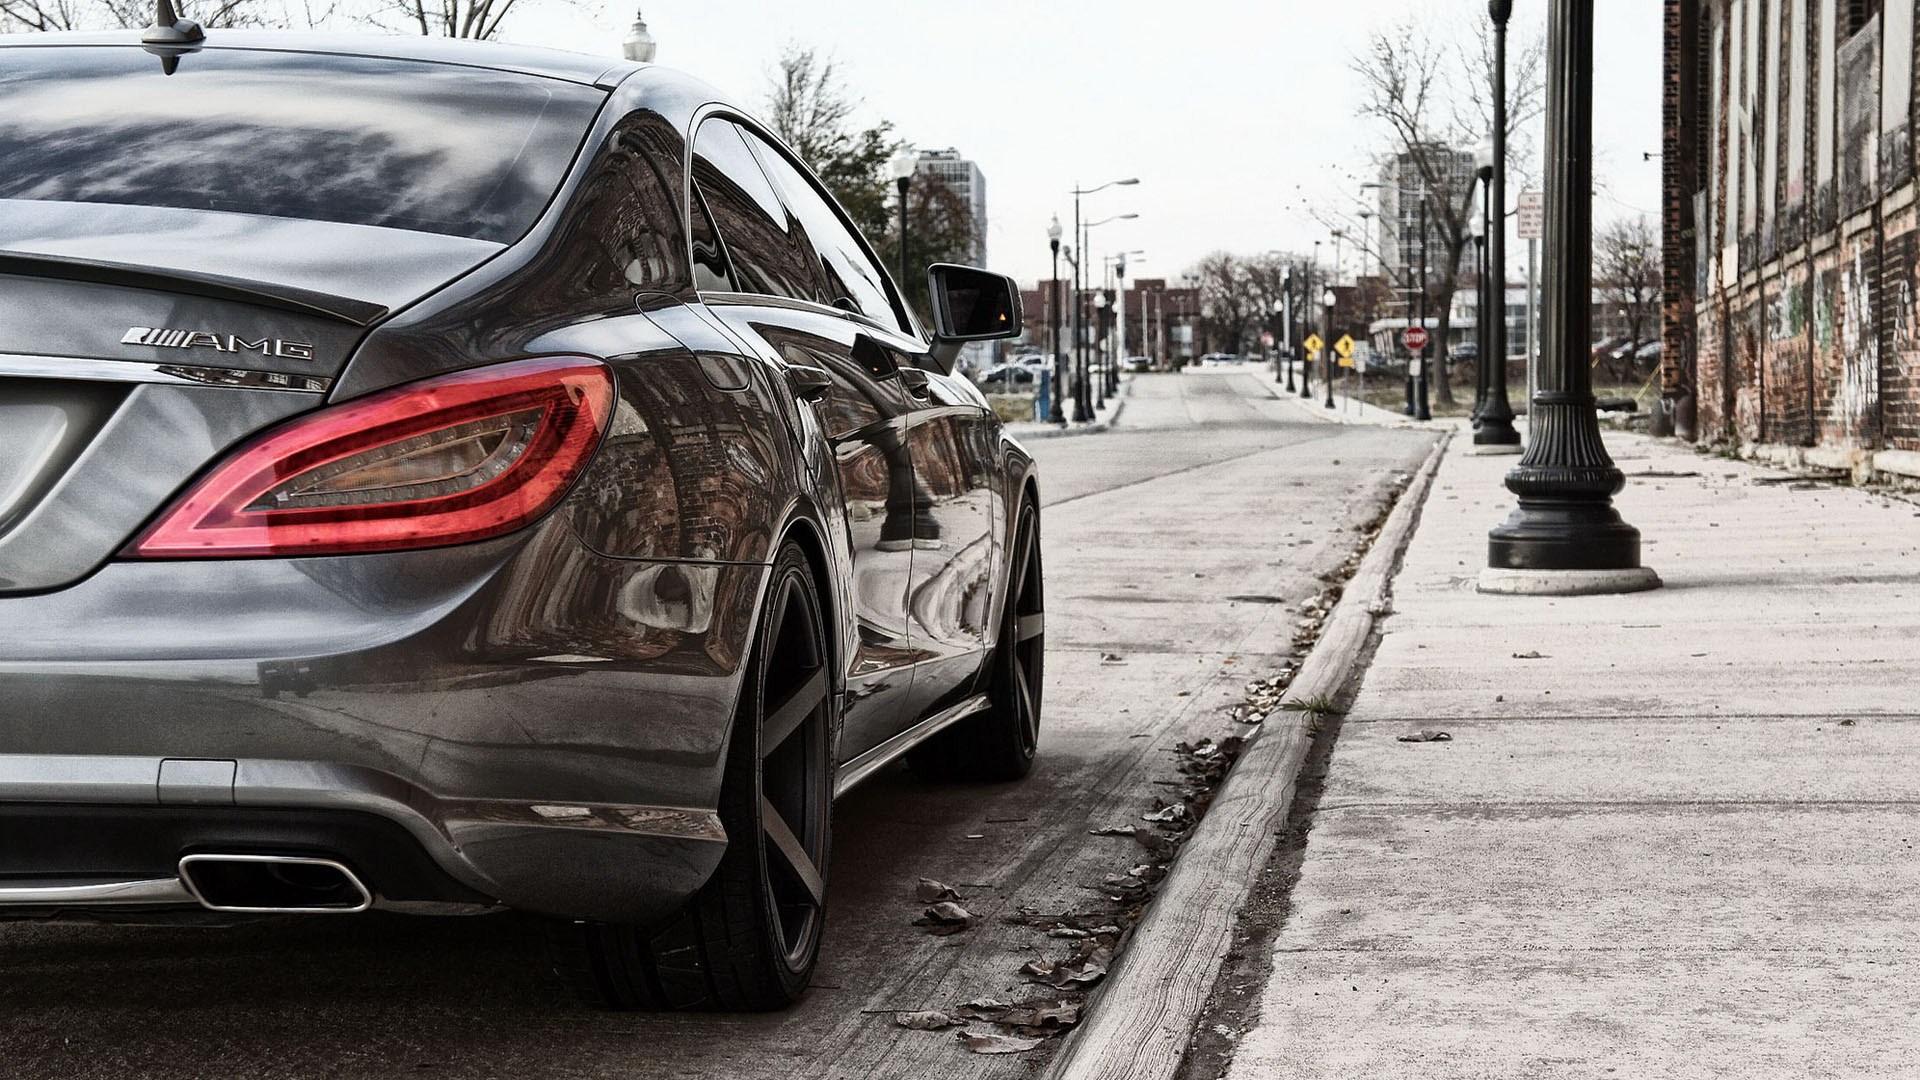 Ferrari 458 Italia Wallpaper Hd Mercedes Mlg Near Sidewalk Wallpaper 1920x1080 17401